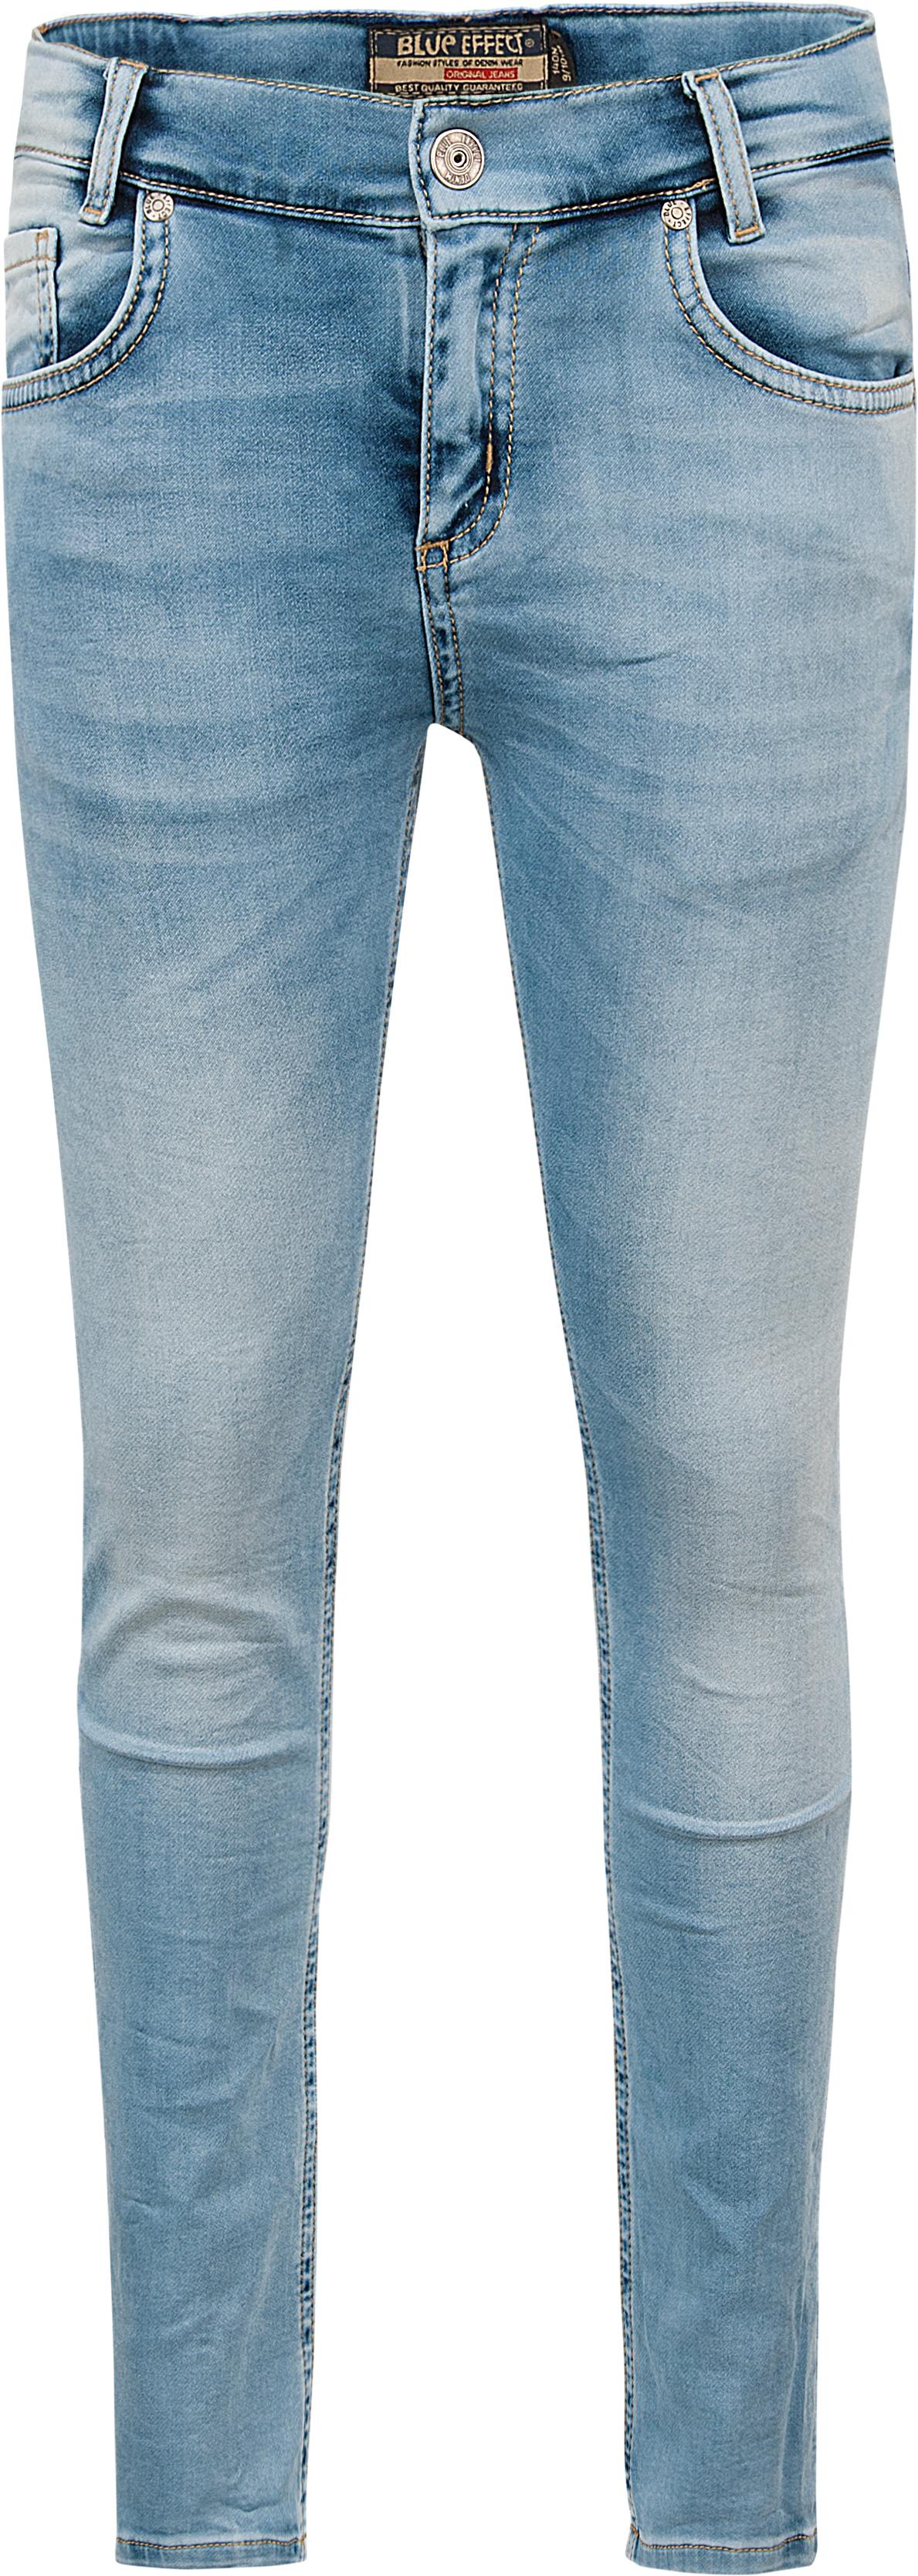 Chlapecké džíny Blue effect vel.140,146,152,158,176